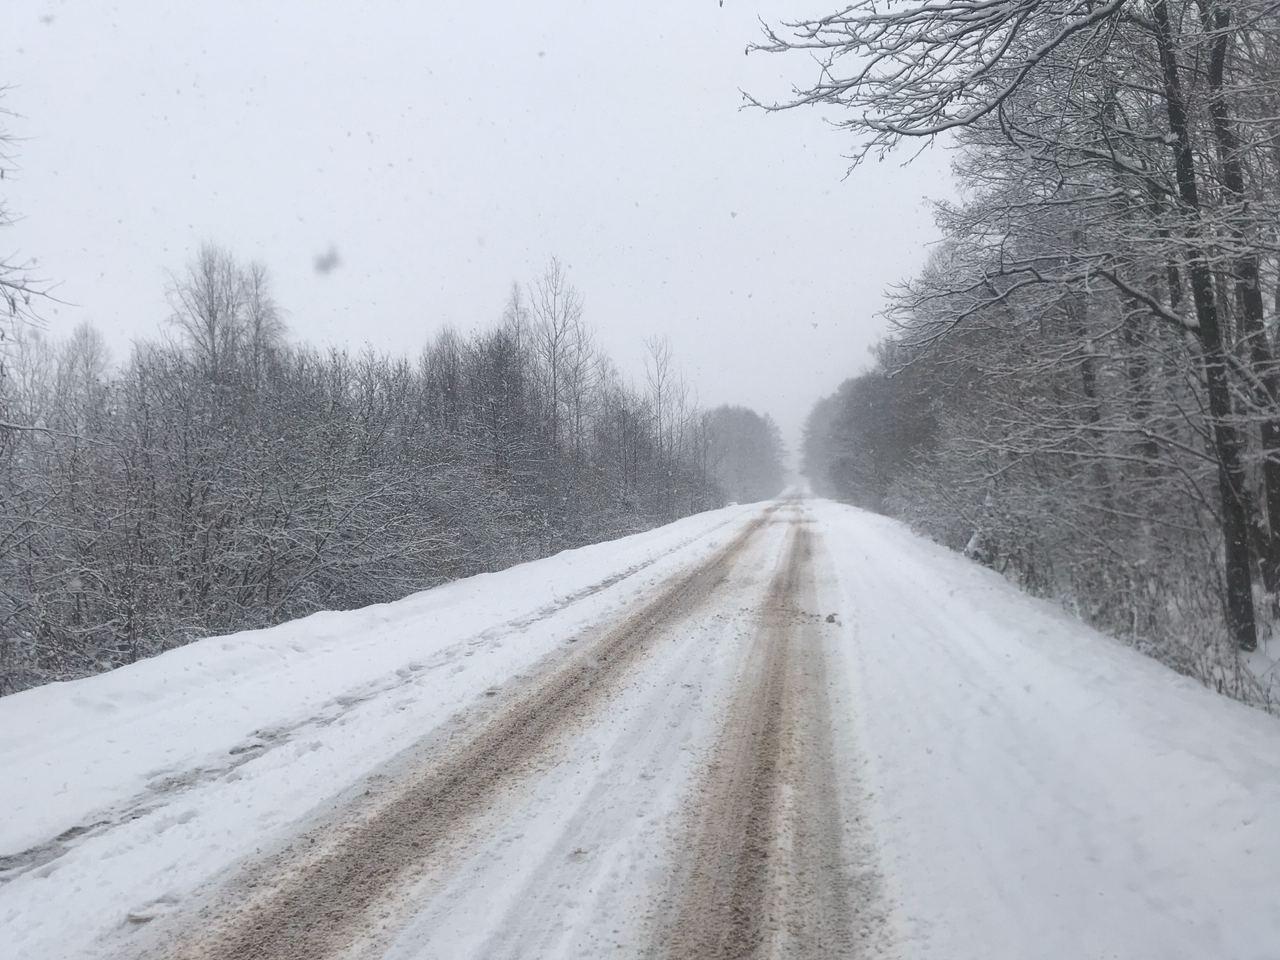 В тот день шёл снег. Фото не передаёт красоты.